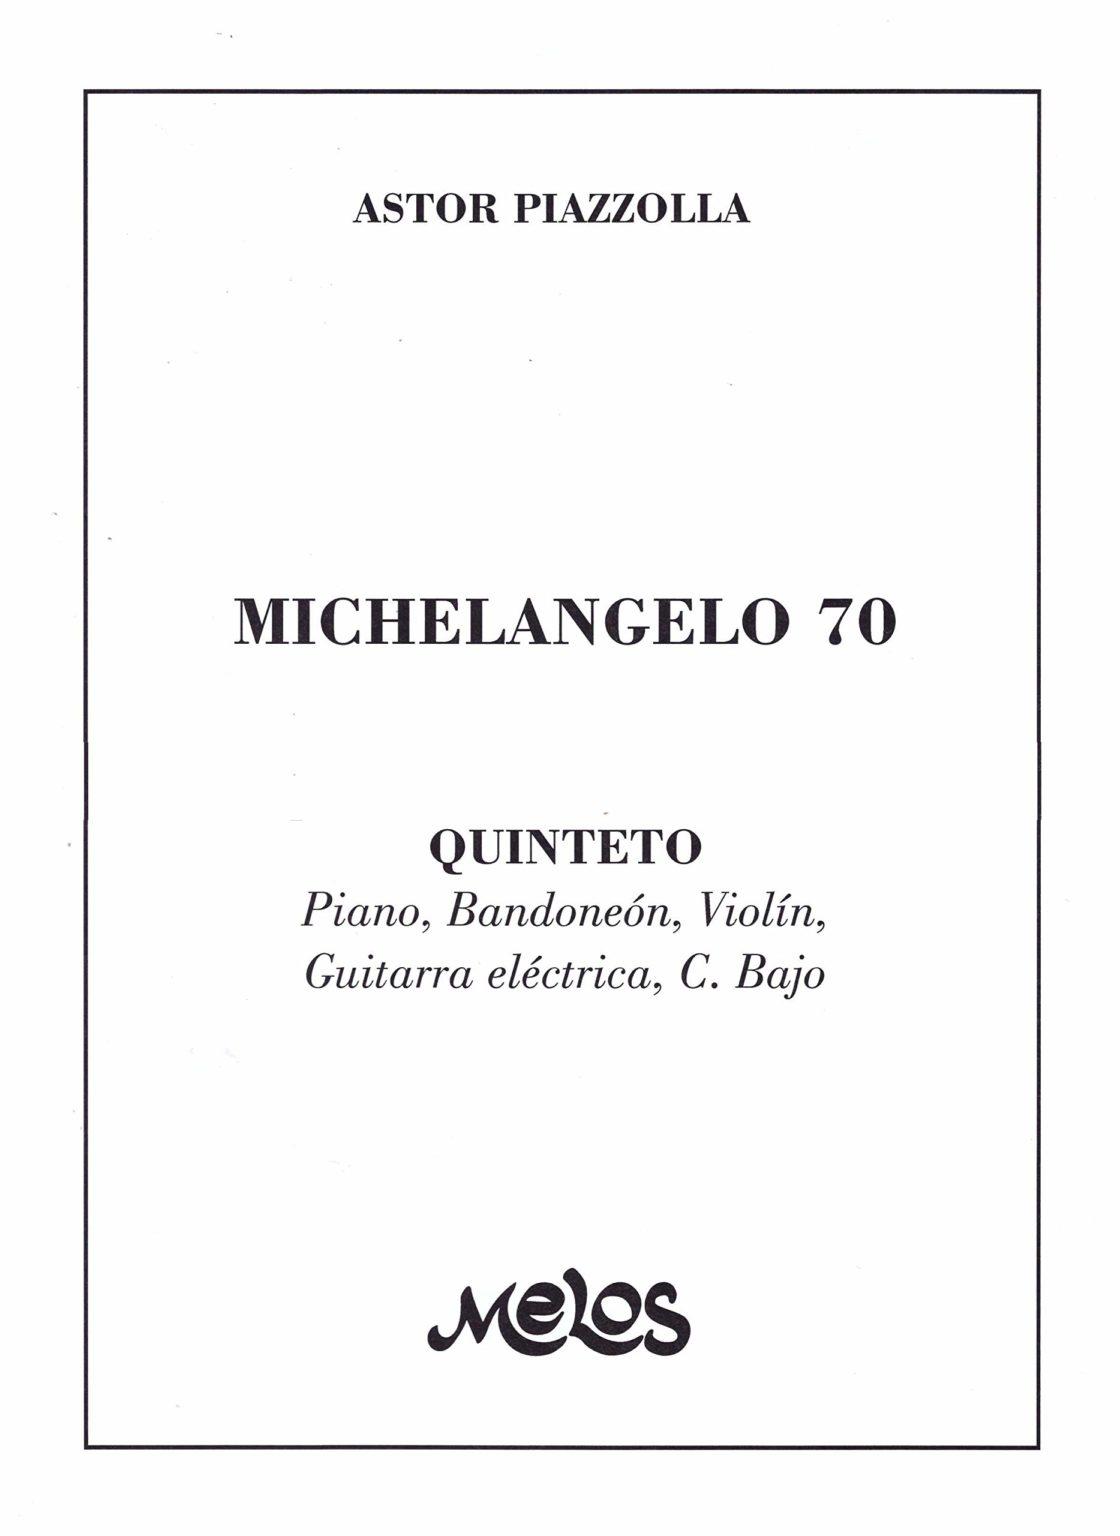 Michelangelo70.AstorPiazzolla